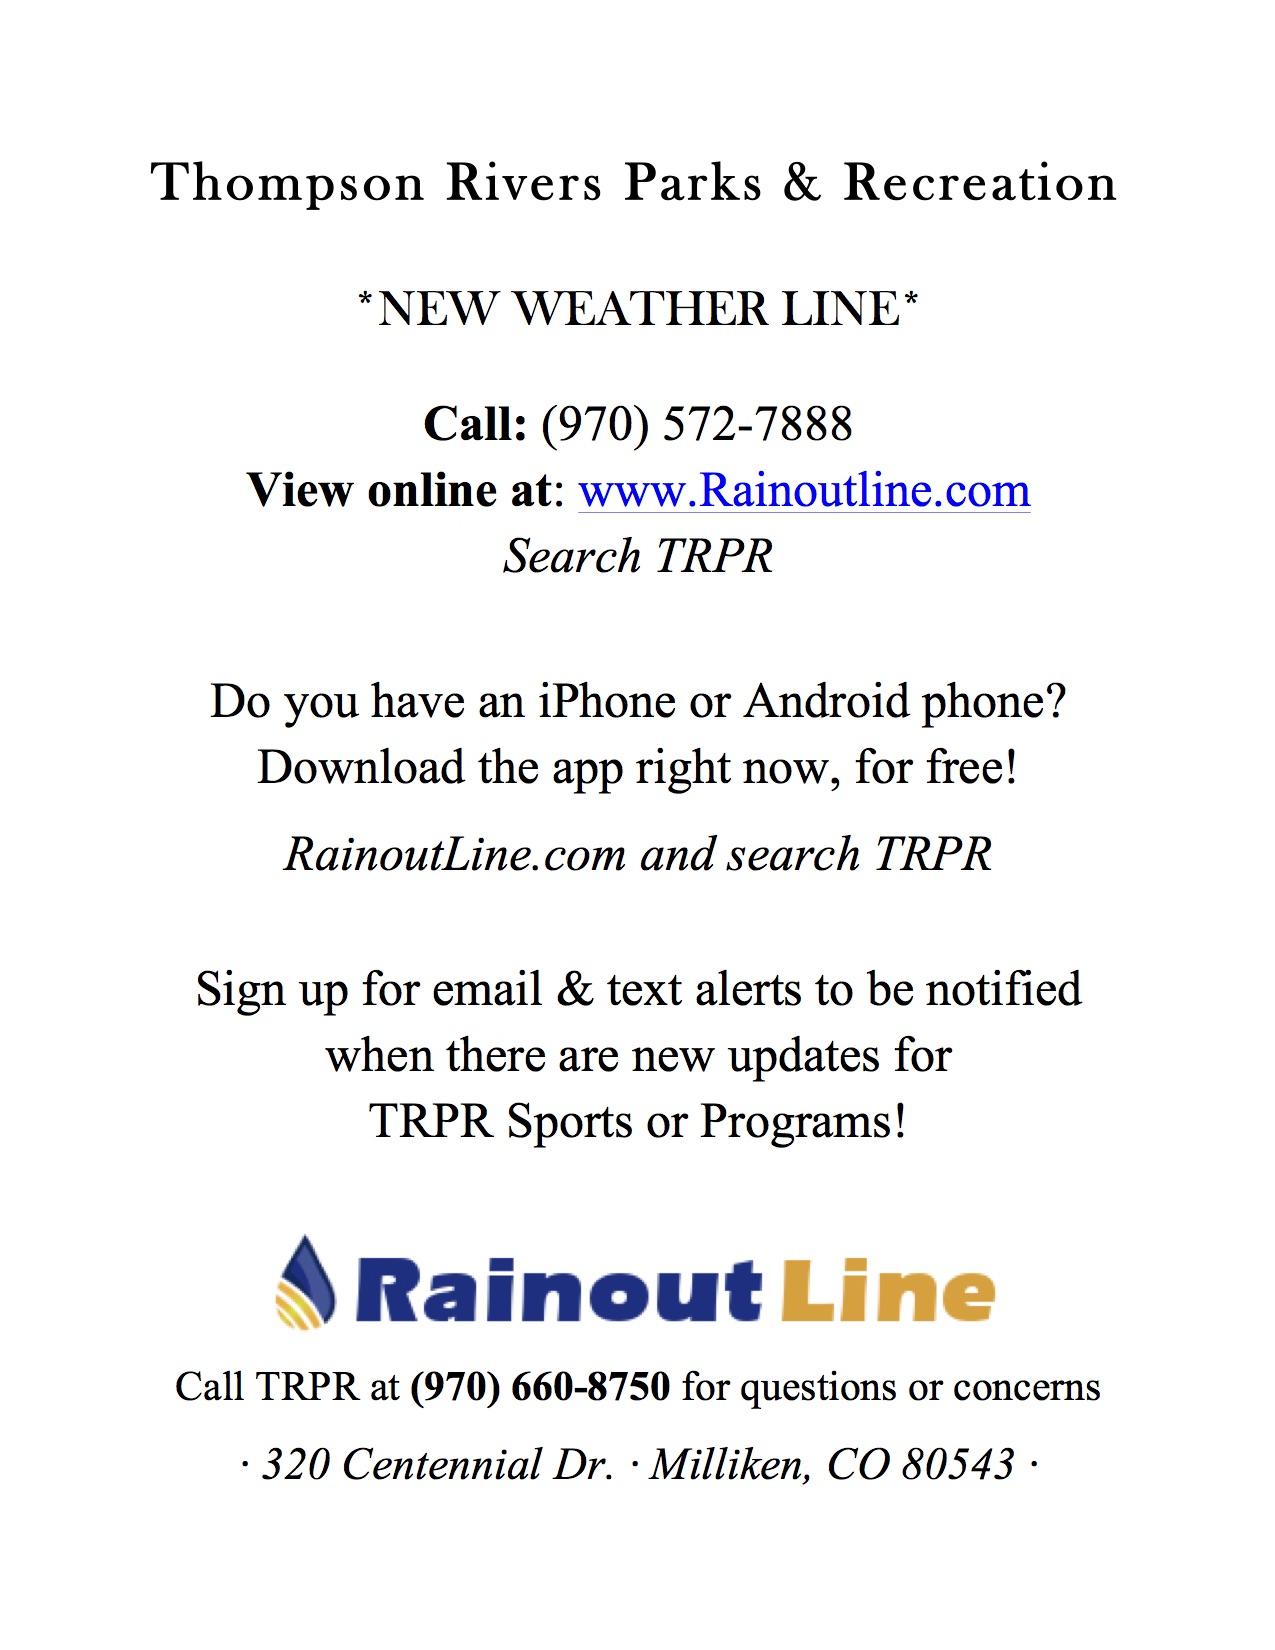 TRPR Rainout Line